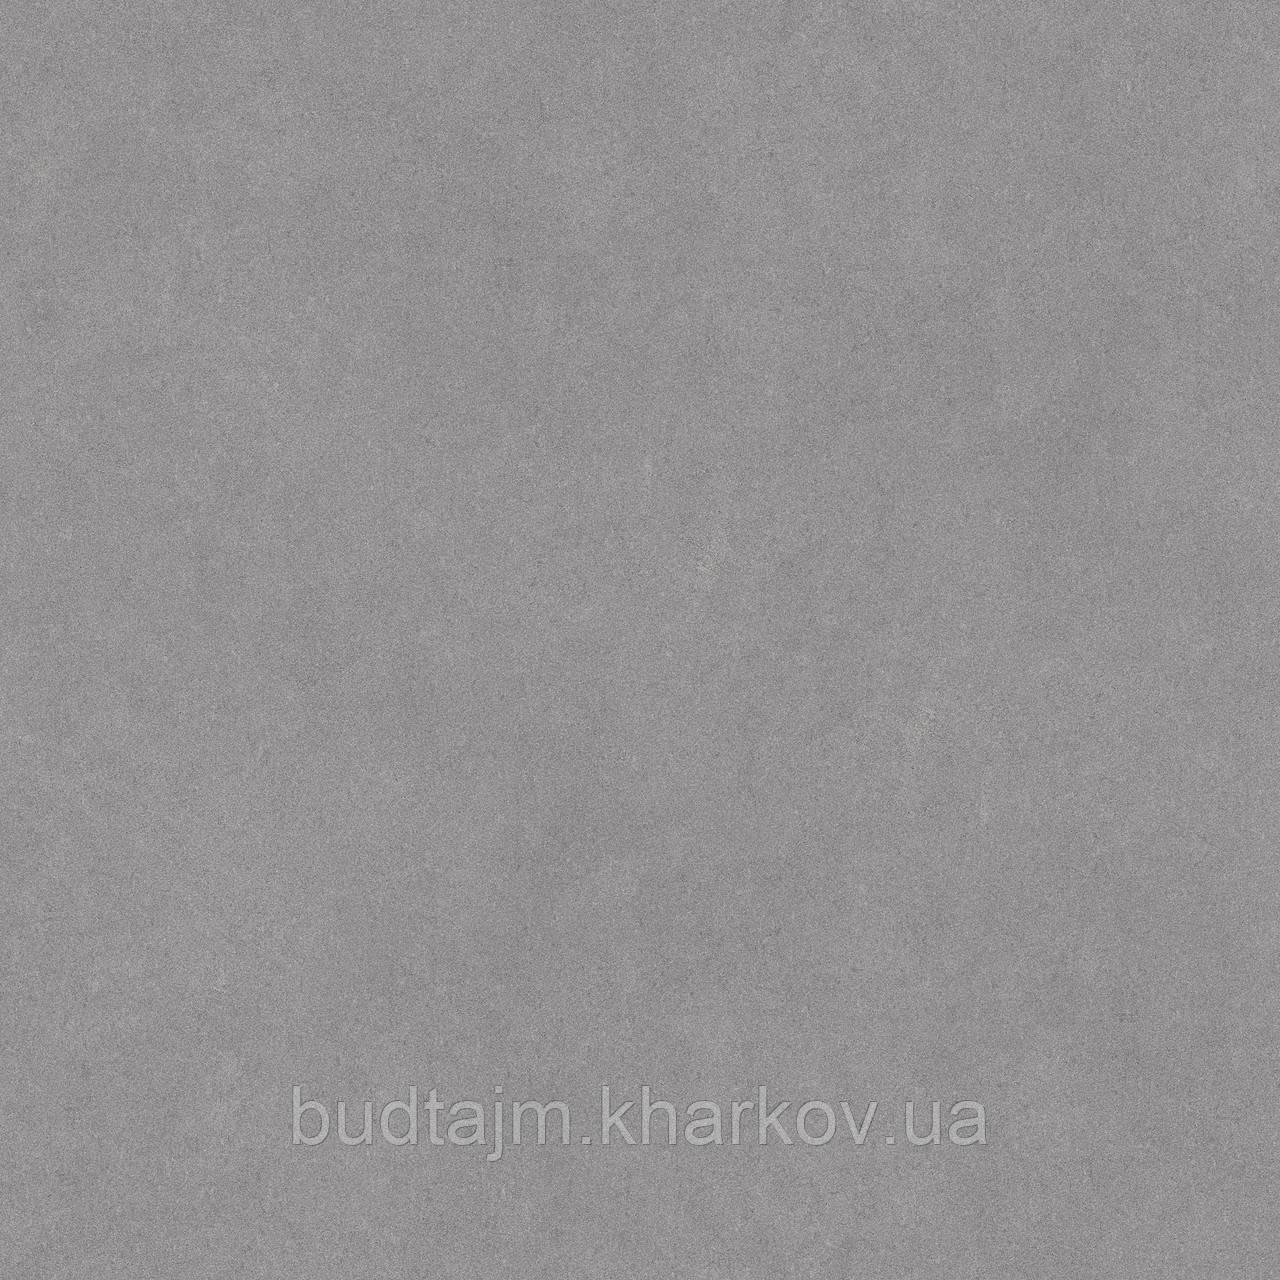 40х40 Керамічна плитка Osaka підлогу сірий